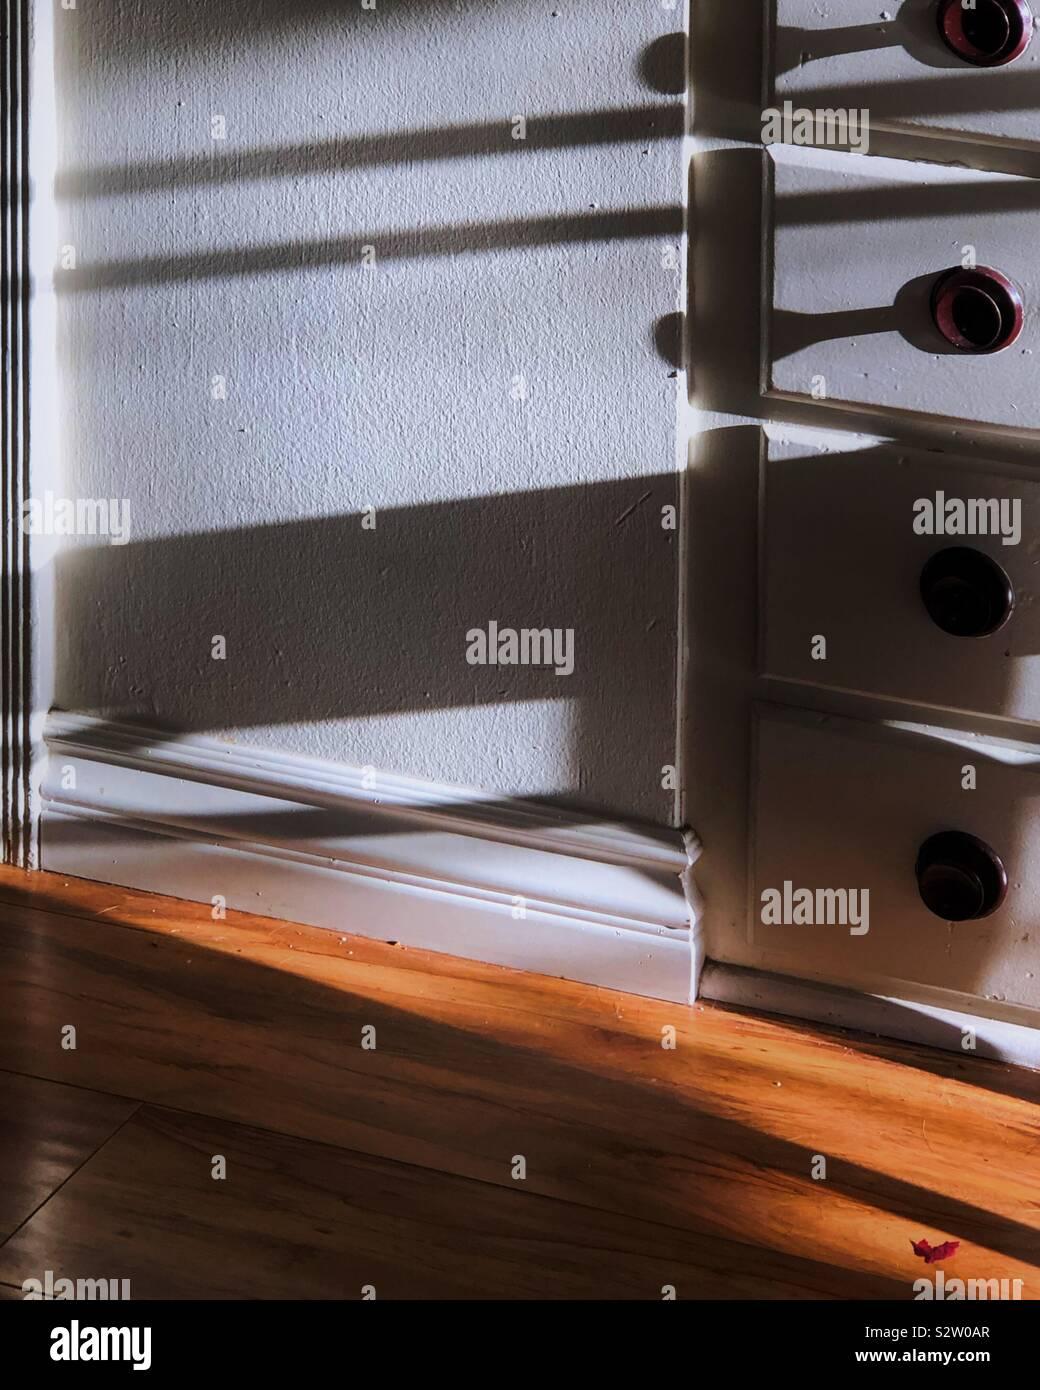 Temprano en la noche sombras repartidos en un builtin escritorio y armario. Los suelos de madera poner un montón de luz ambiental. Foto de stock